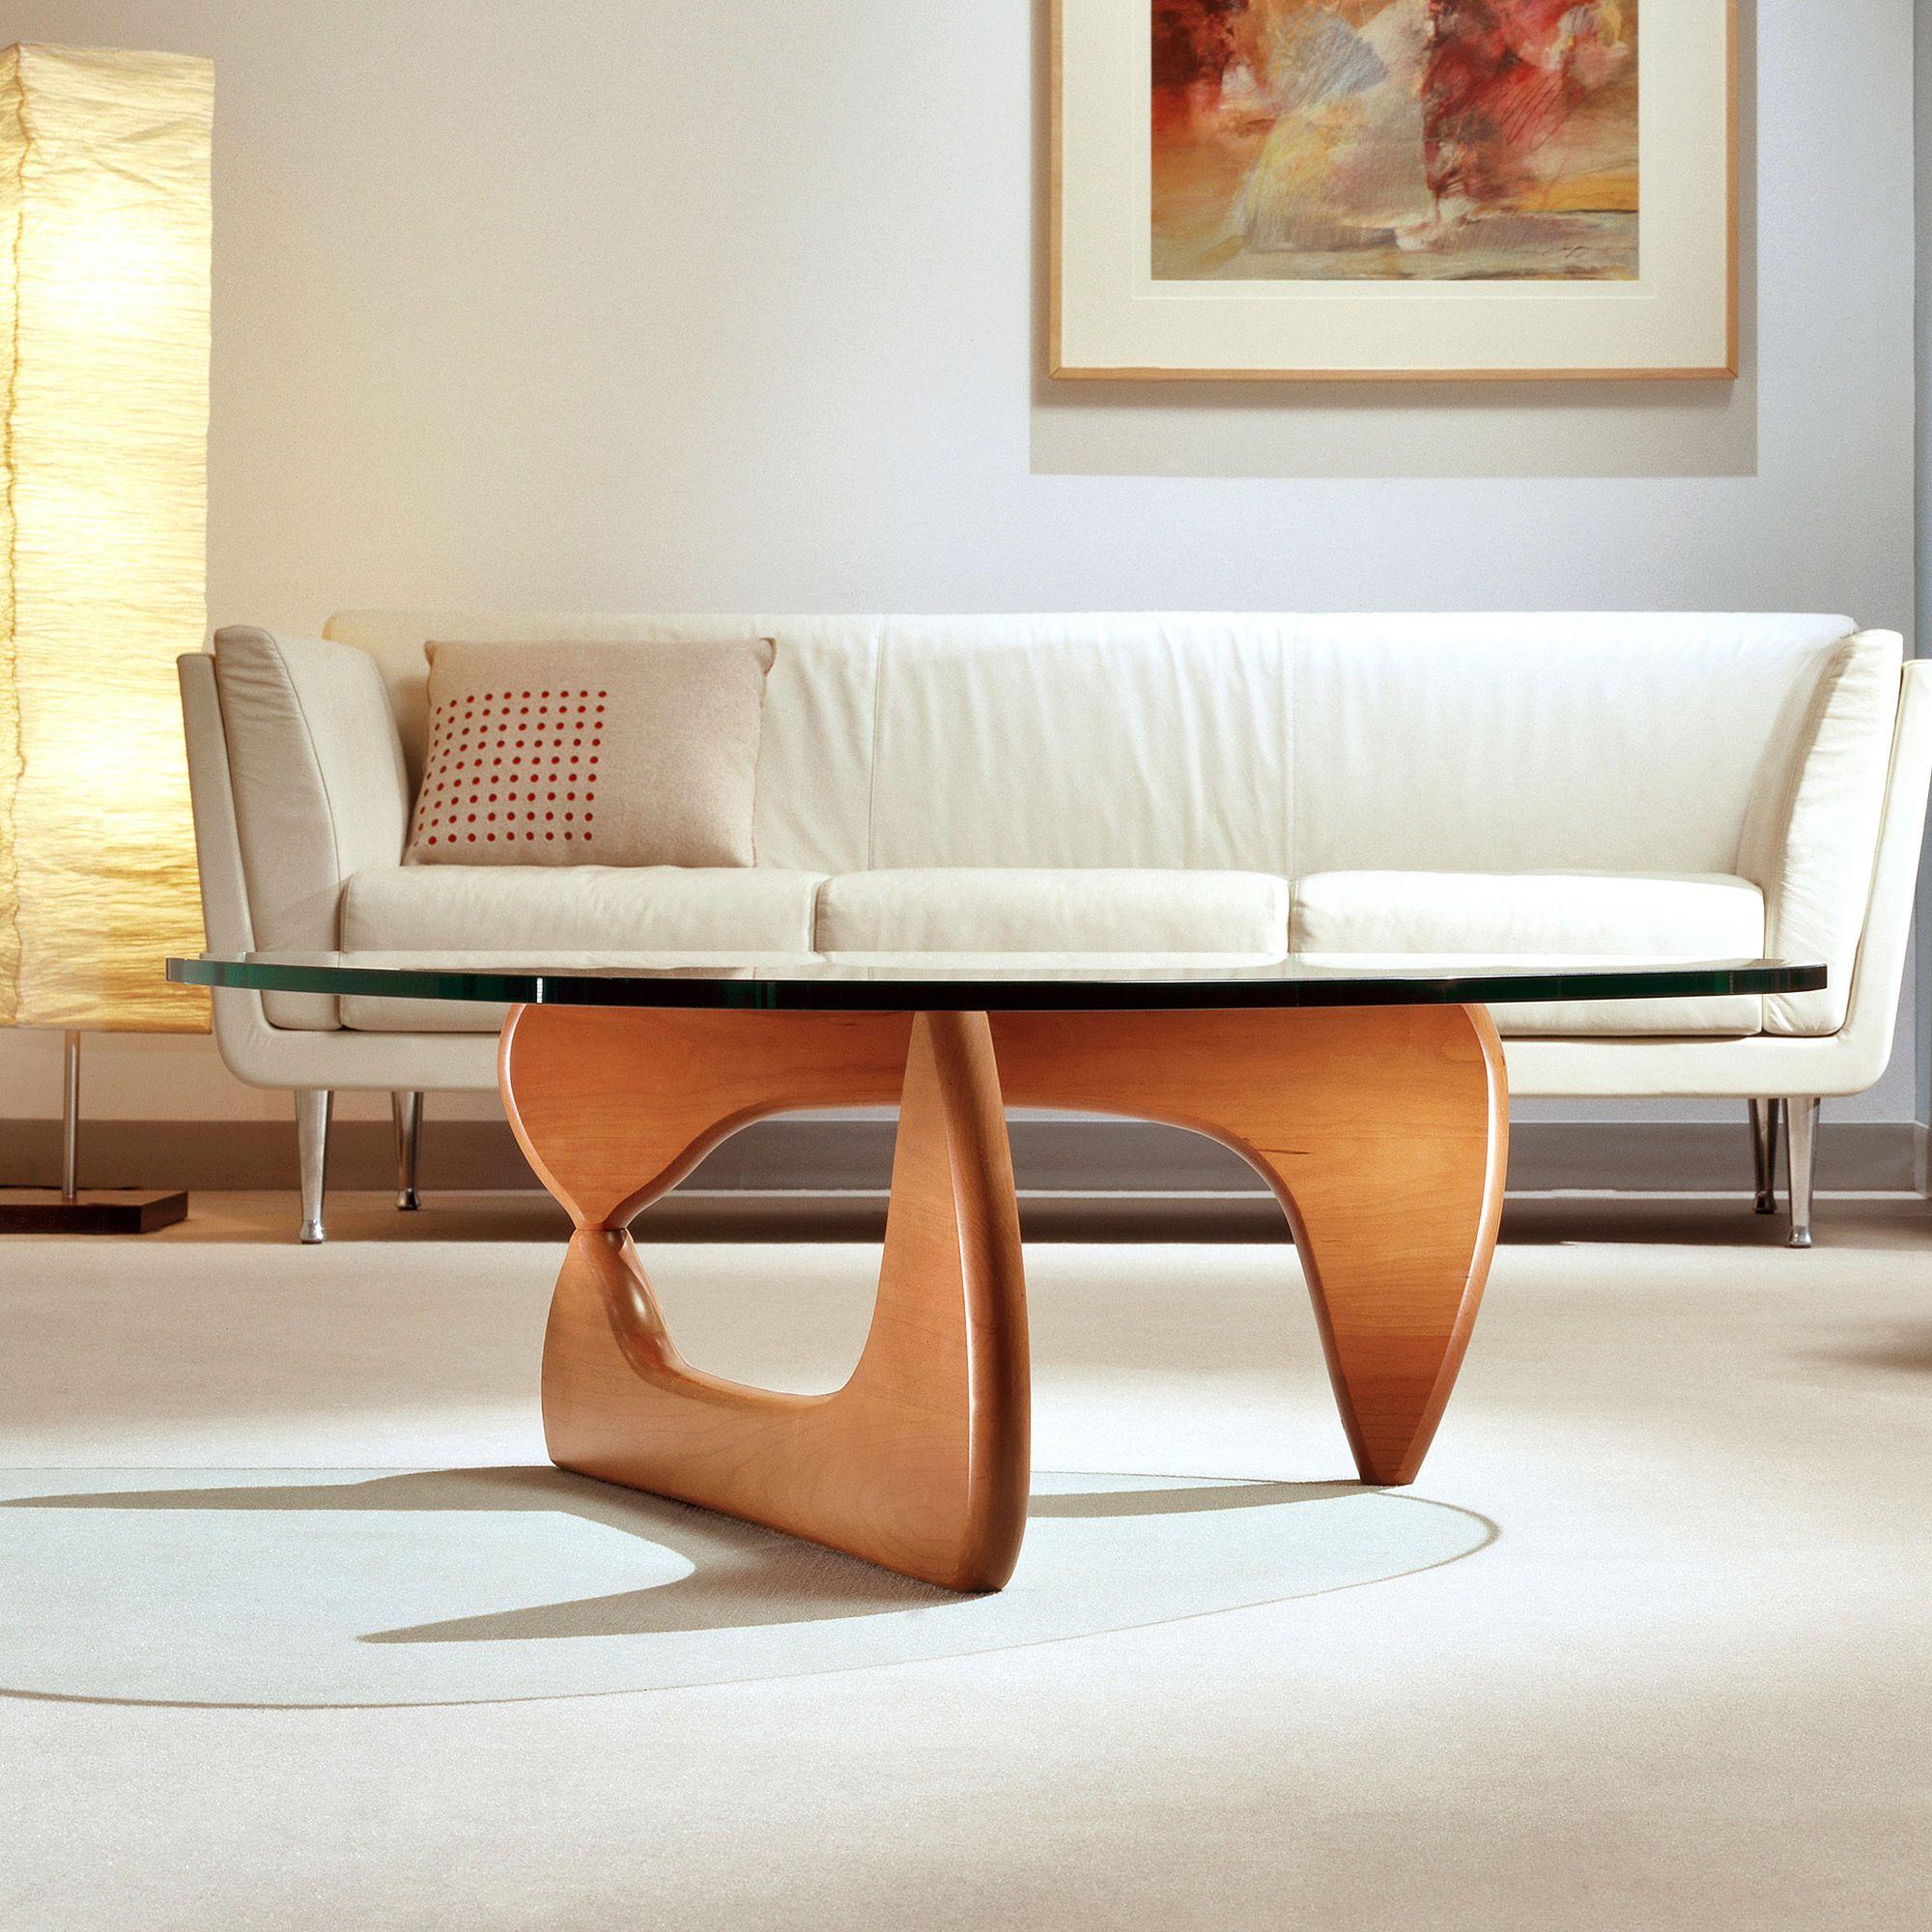 Noguchi Coffee Table Noguchi Coffee Table Modern Classic Furniture Noguchi Table [ 2000 x 2000 Pixel ]